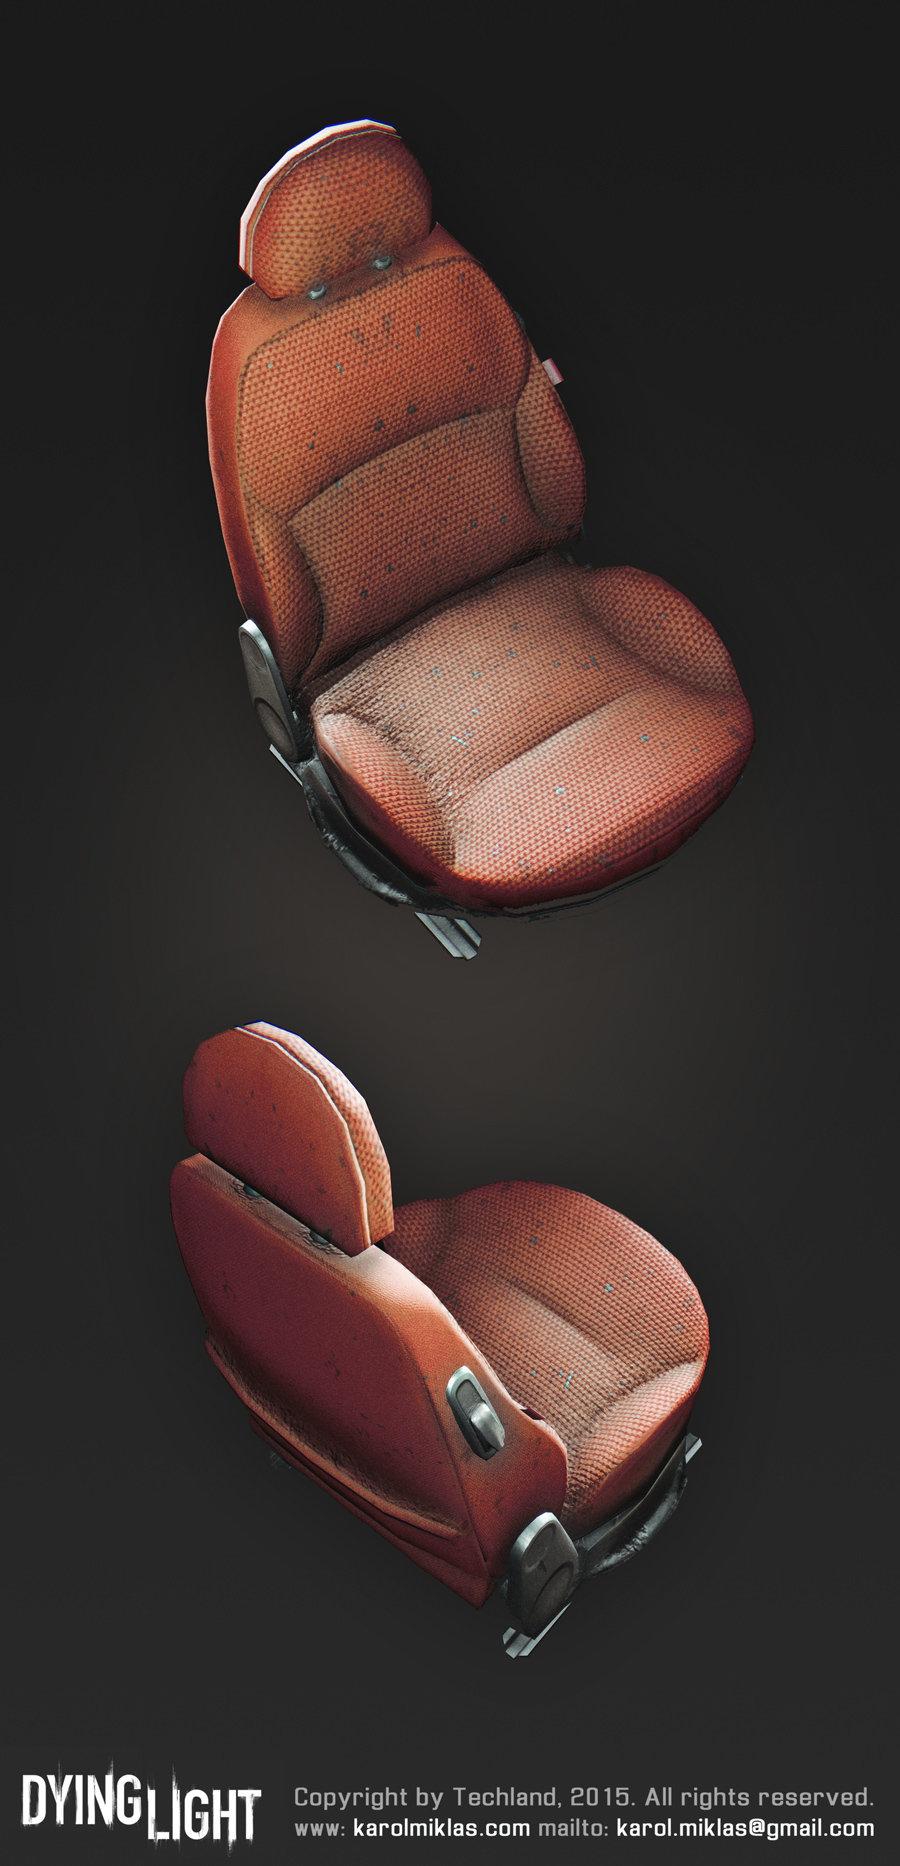 karol-miklas-car-seat-a.jpg